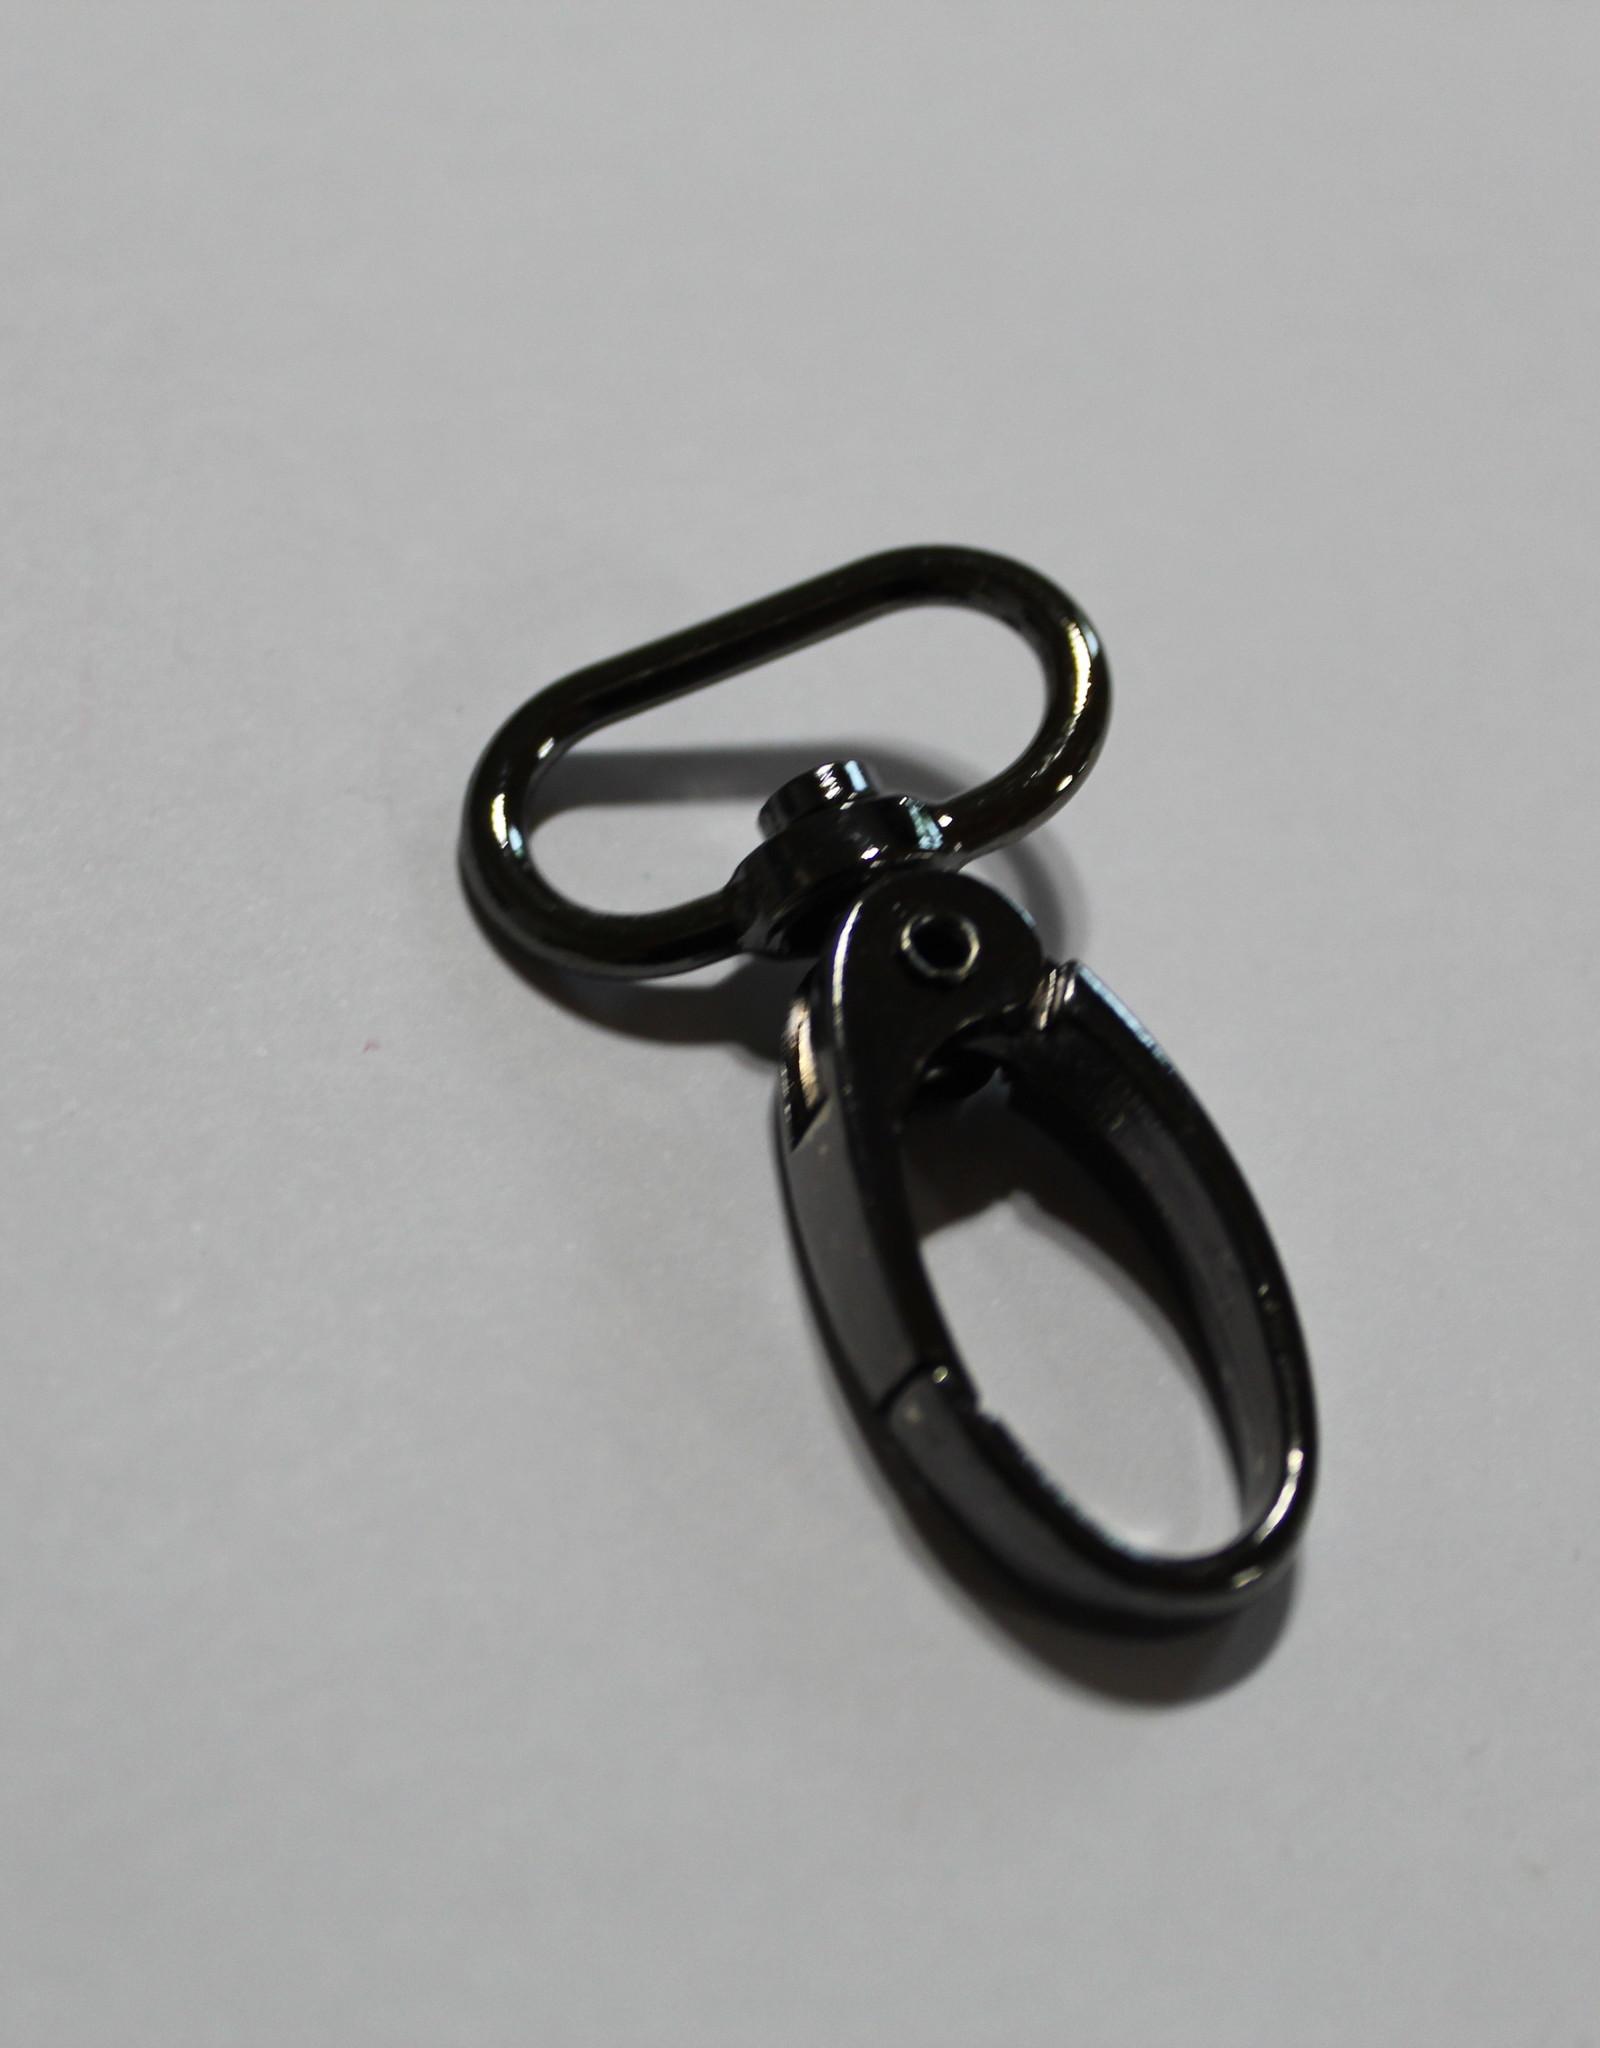 Karabijnhaak fijn 20mm zwart nikkel